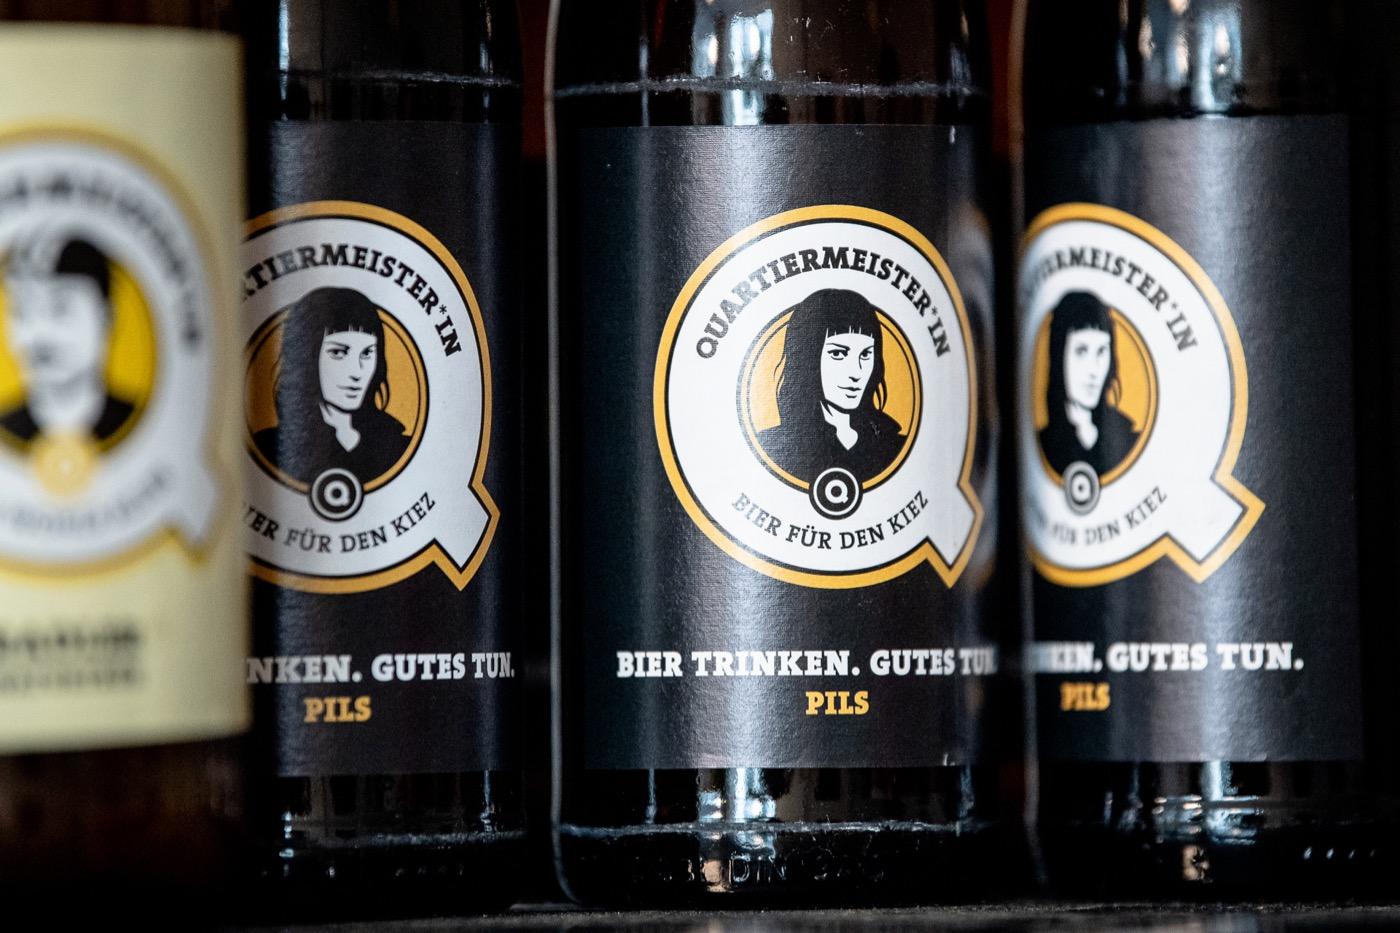 Auf jeder zweiten Flasche ist heute ein weibliches Konterfei zu sehen.